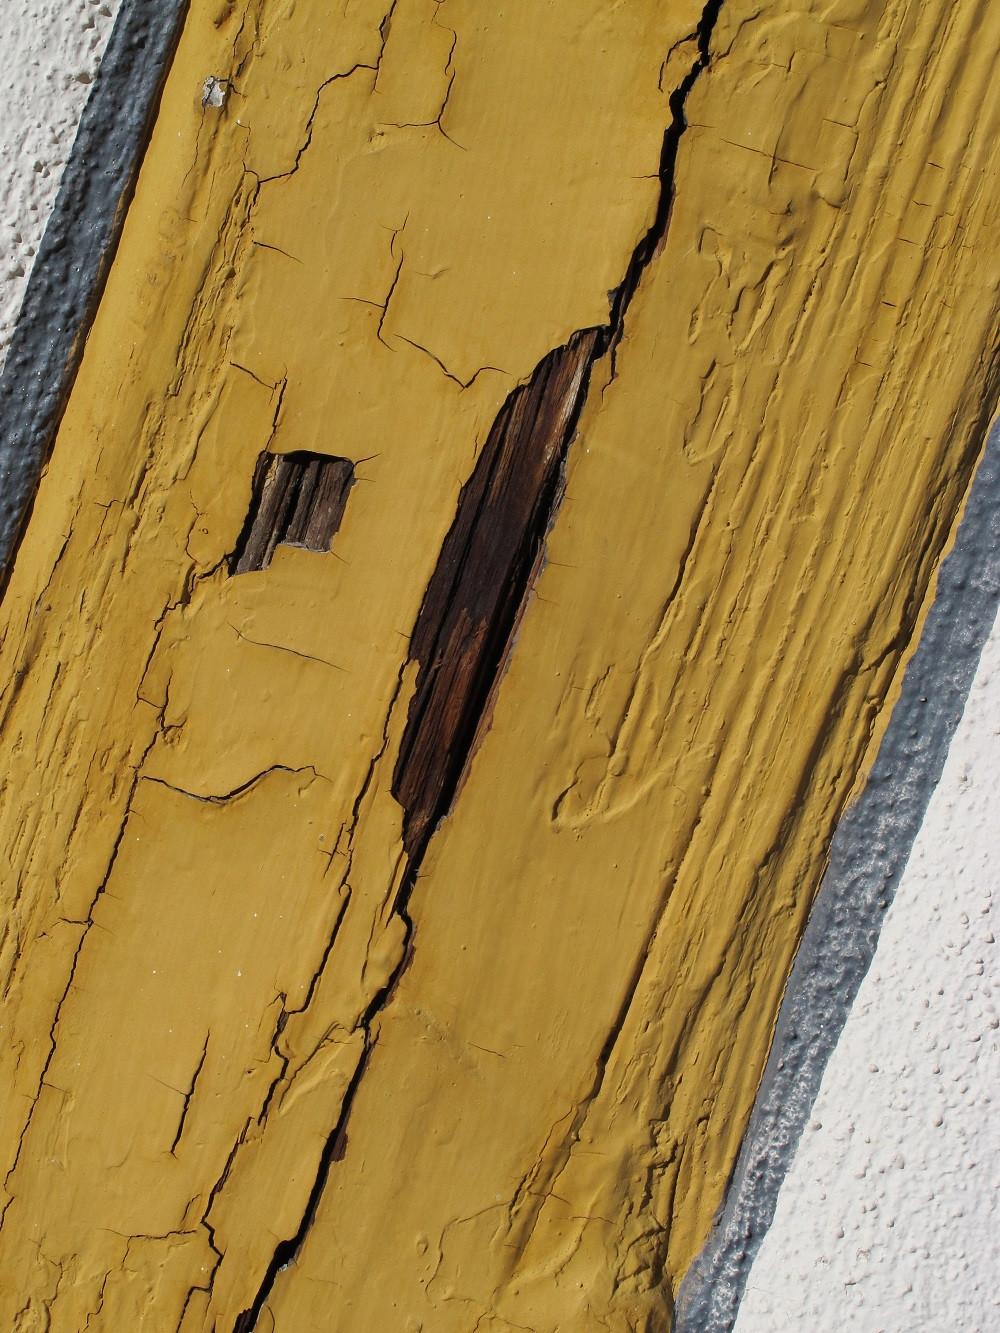 Anstrichschaden auf einem Fachwerkholz